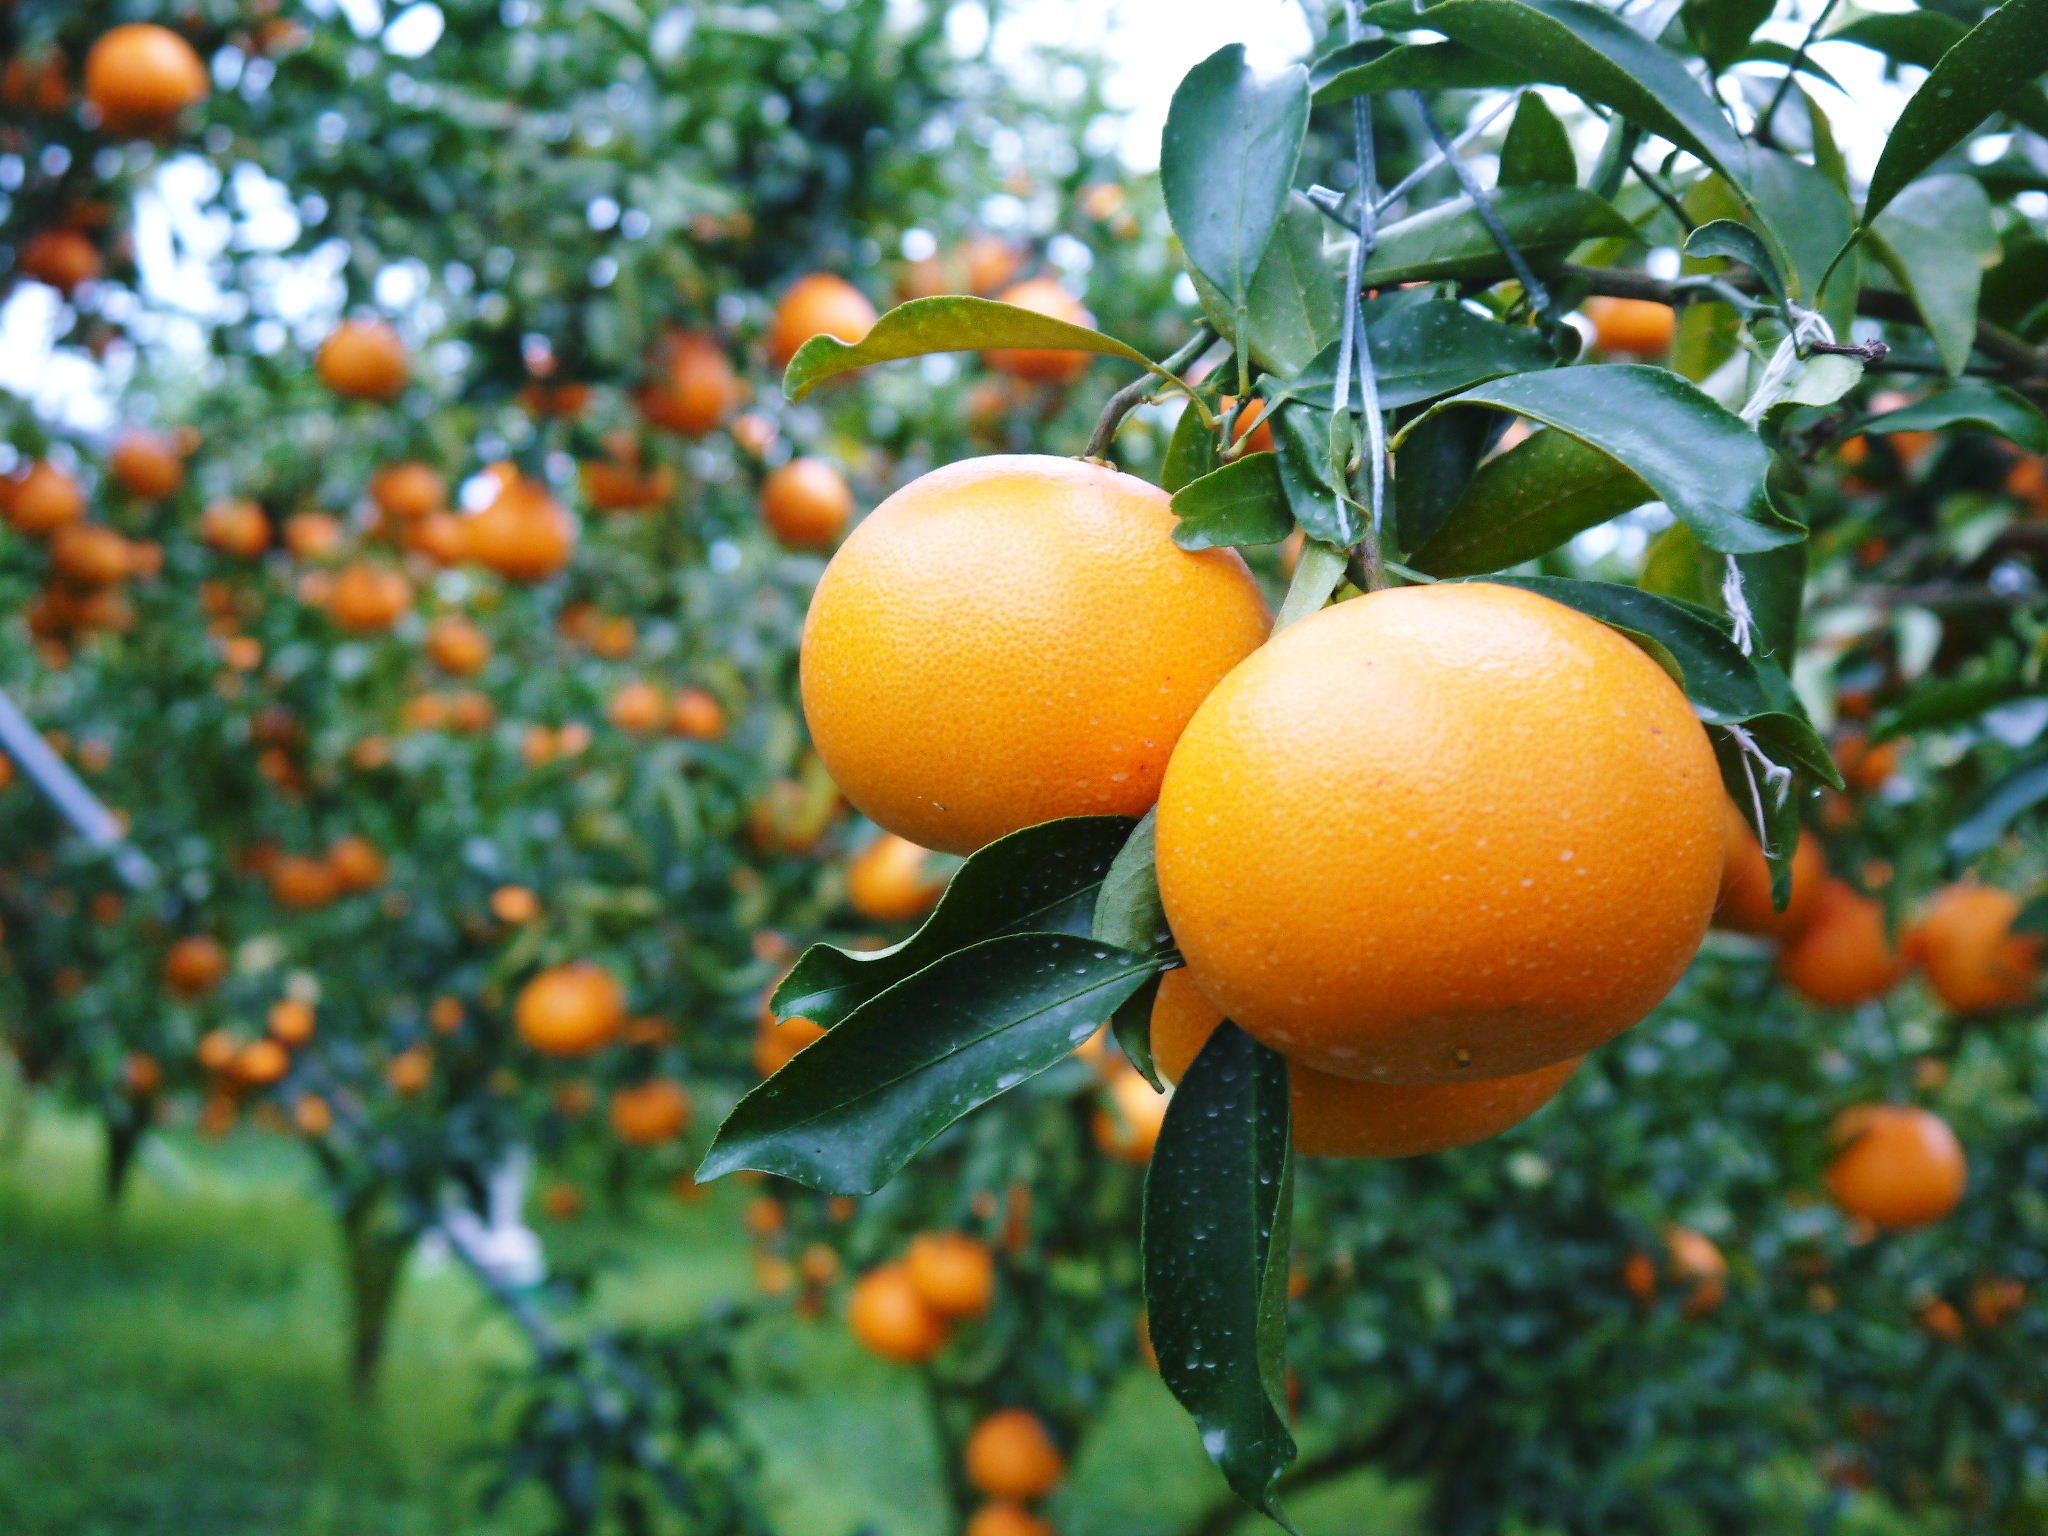 究極の柑橘「せとか」 摘果作業と玉吊り作業 樹勢も良く来年活躍する新芽も元気に芽吹いてます!_a0254656_18024867.jpg